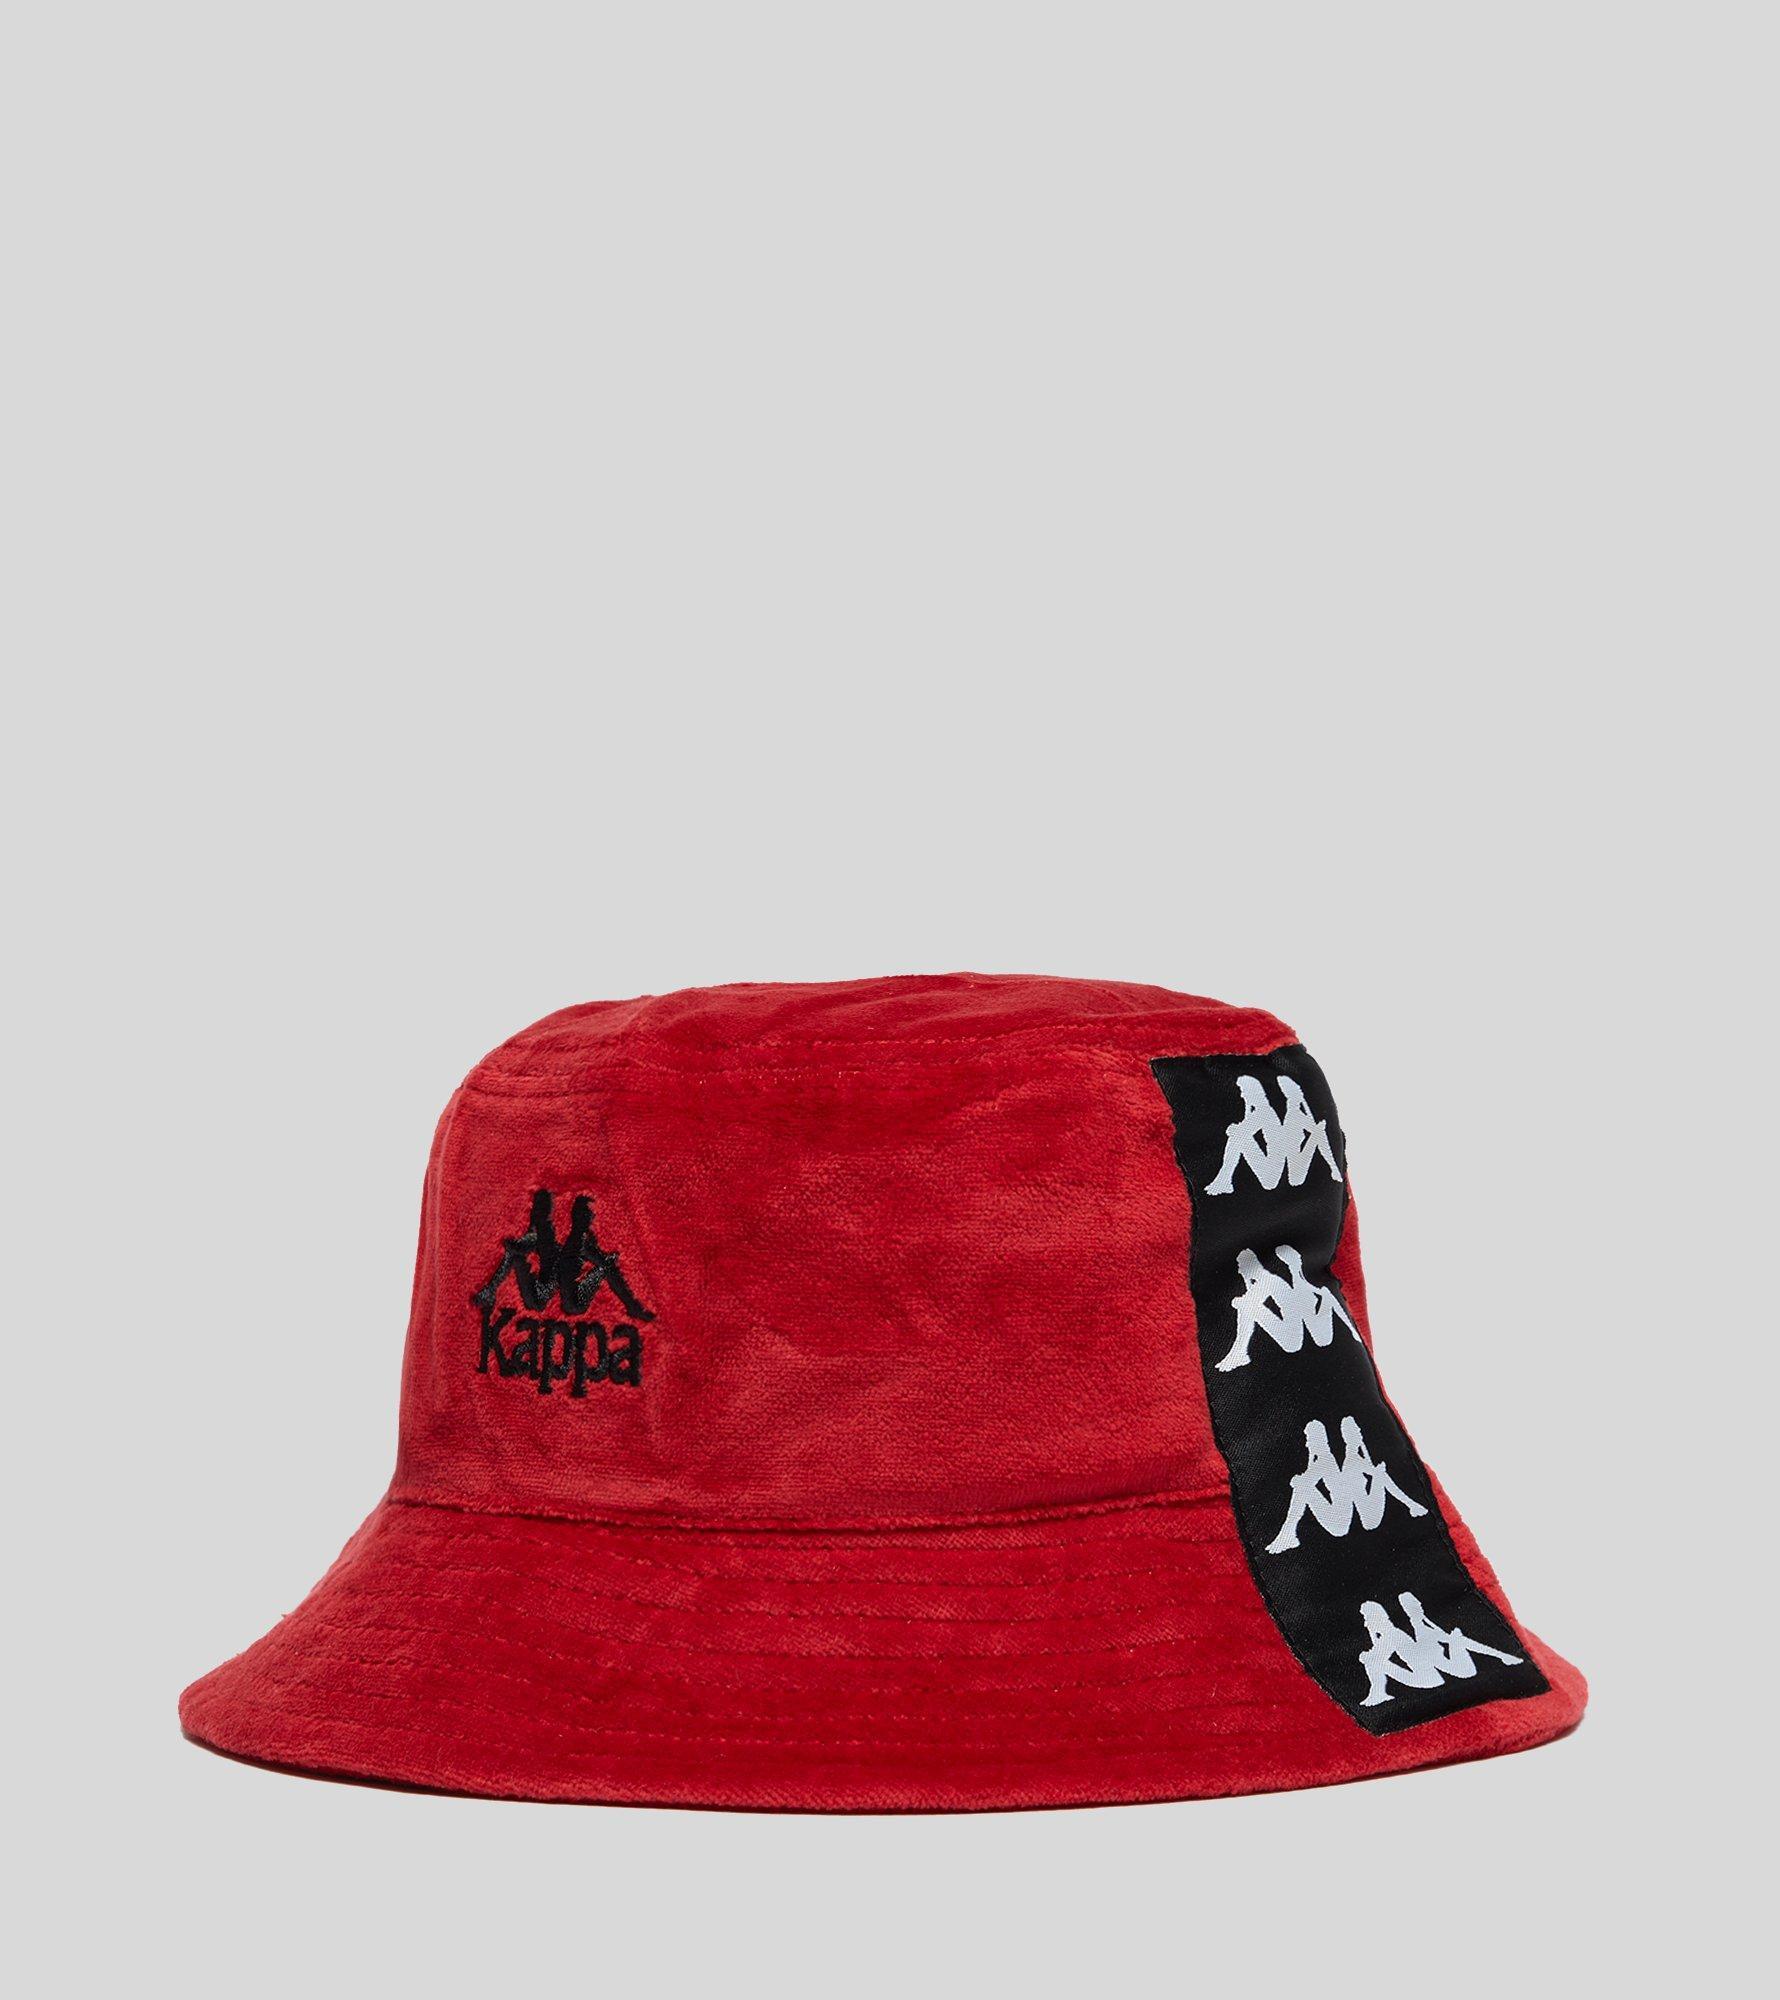 newest 0127a 211a8 ... best price kappa. red ayumen bucket hat 68860 91c44